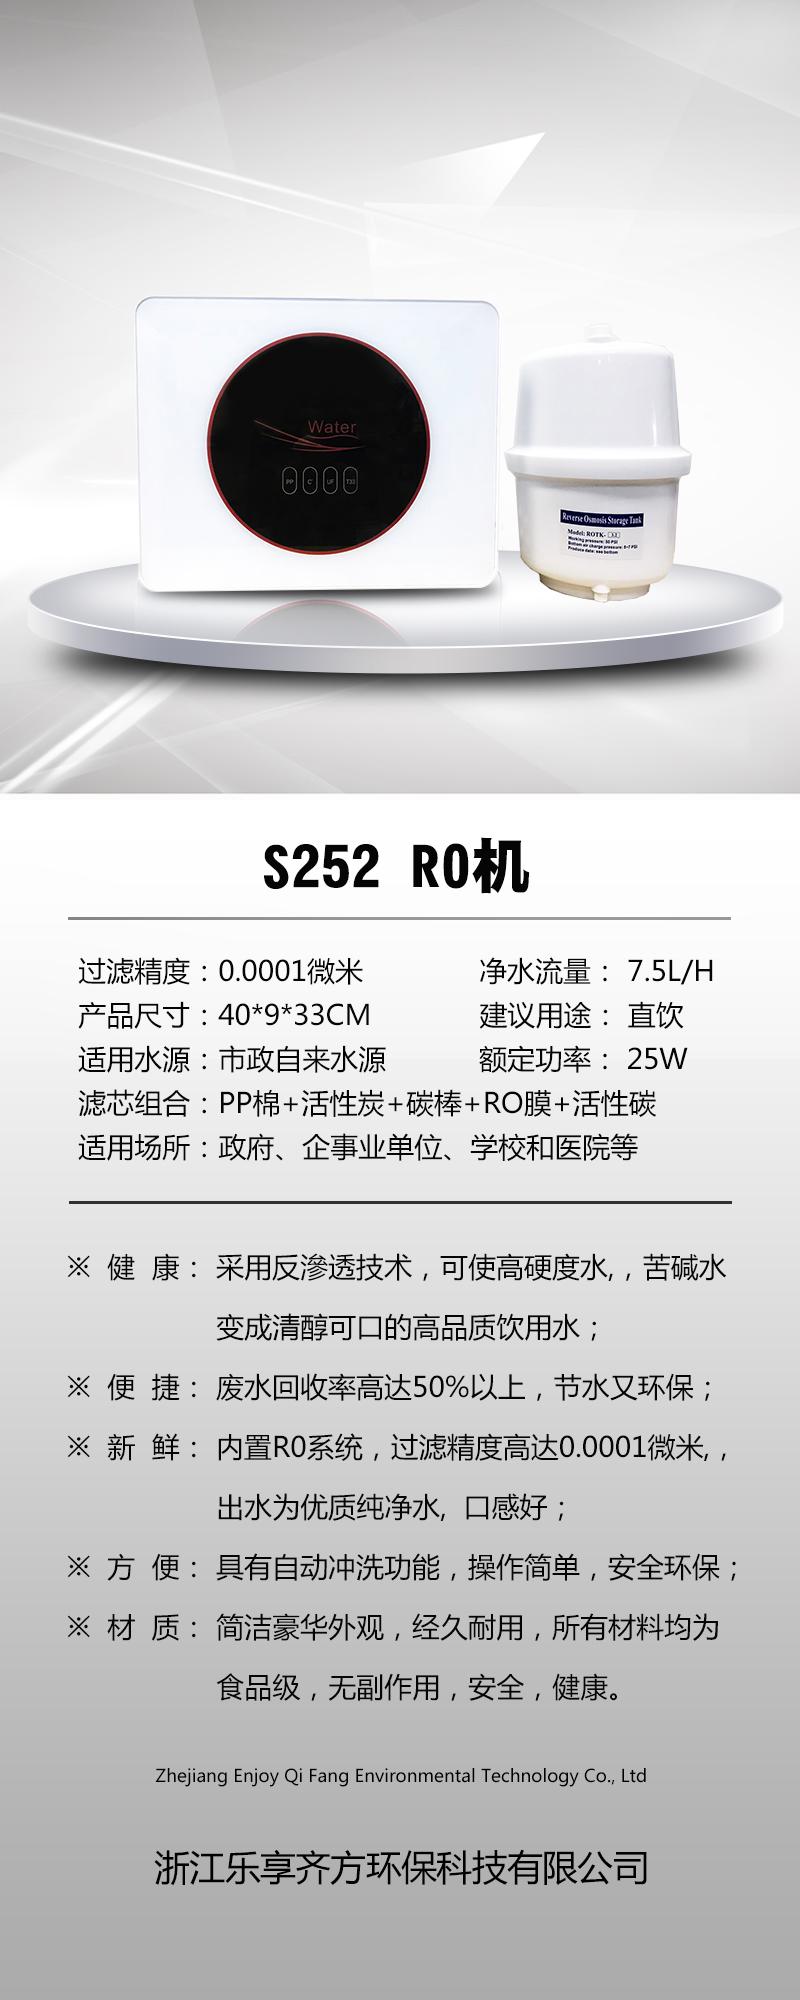 RO机-75G